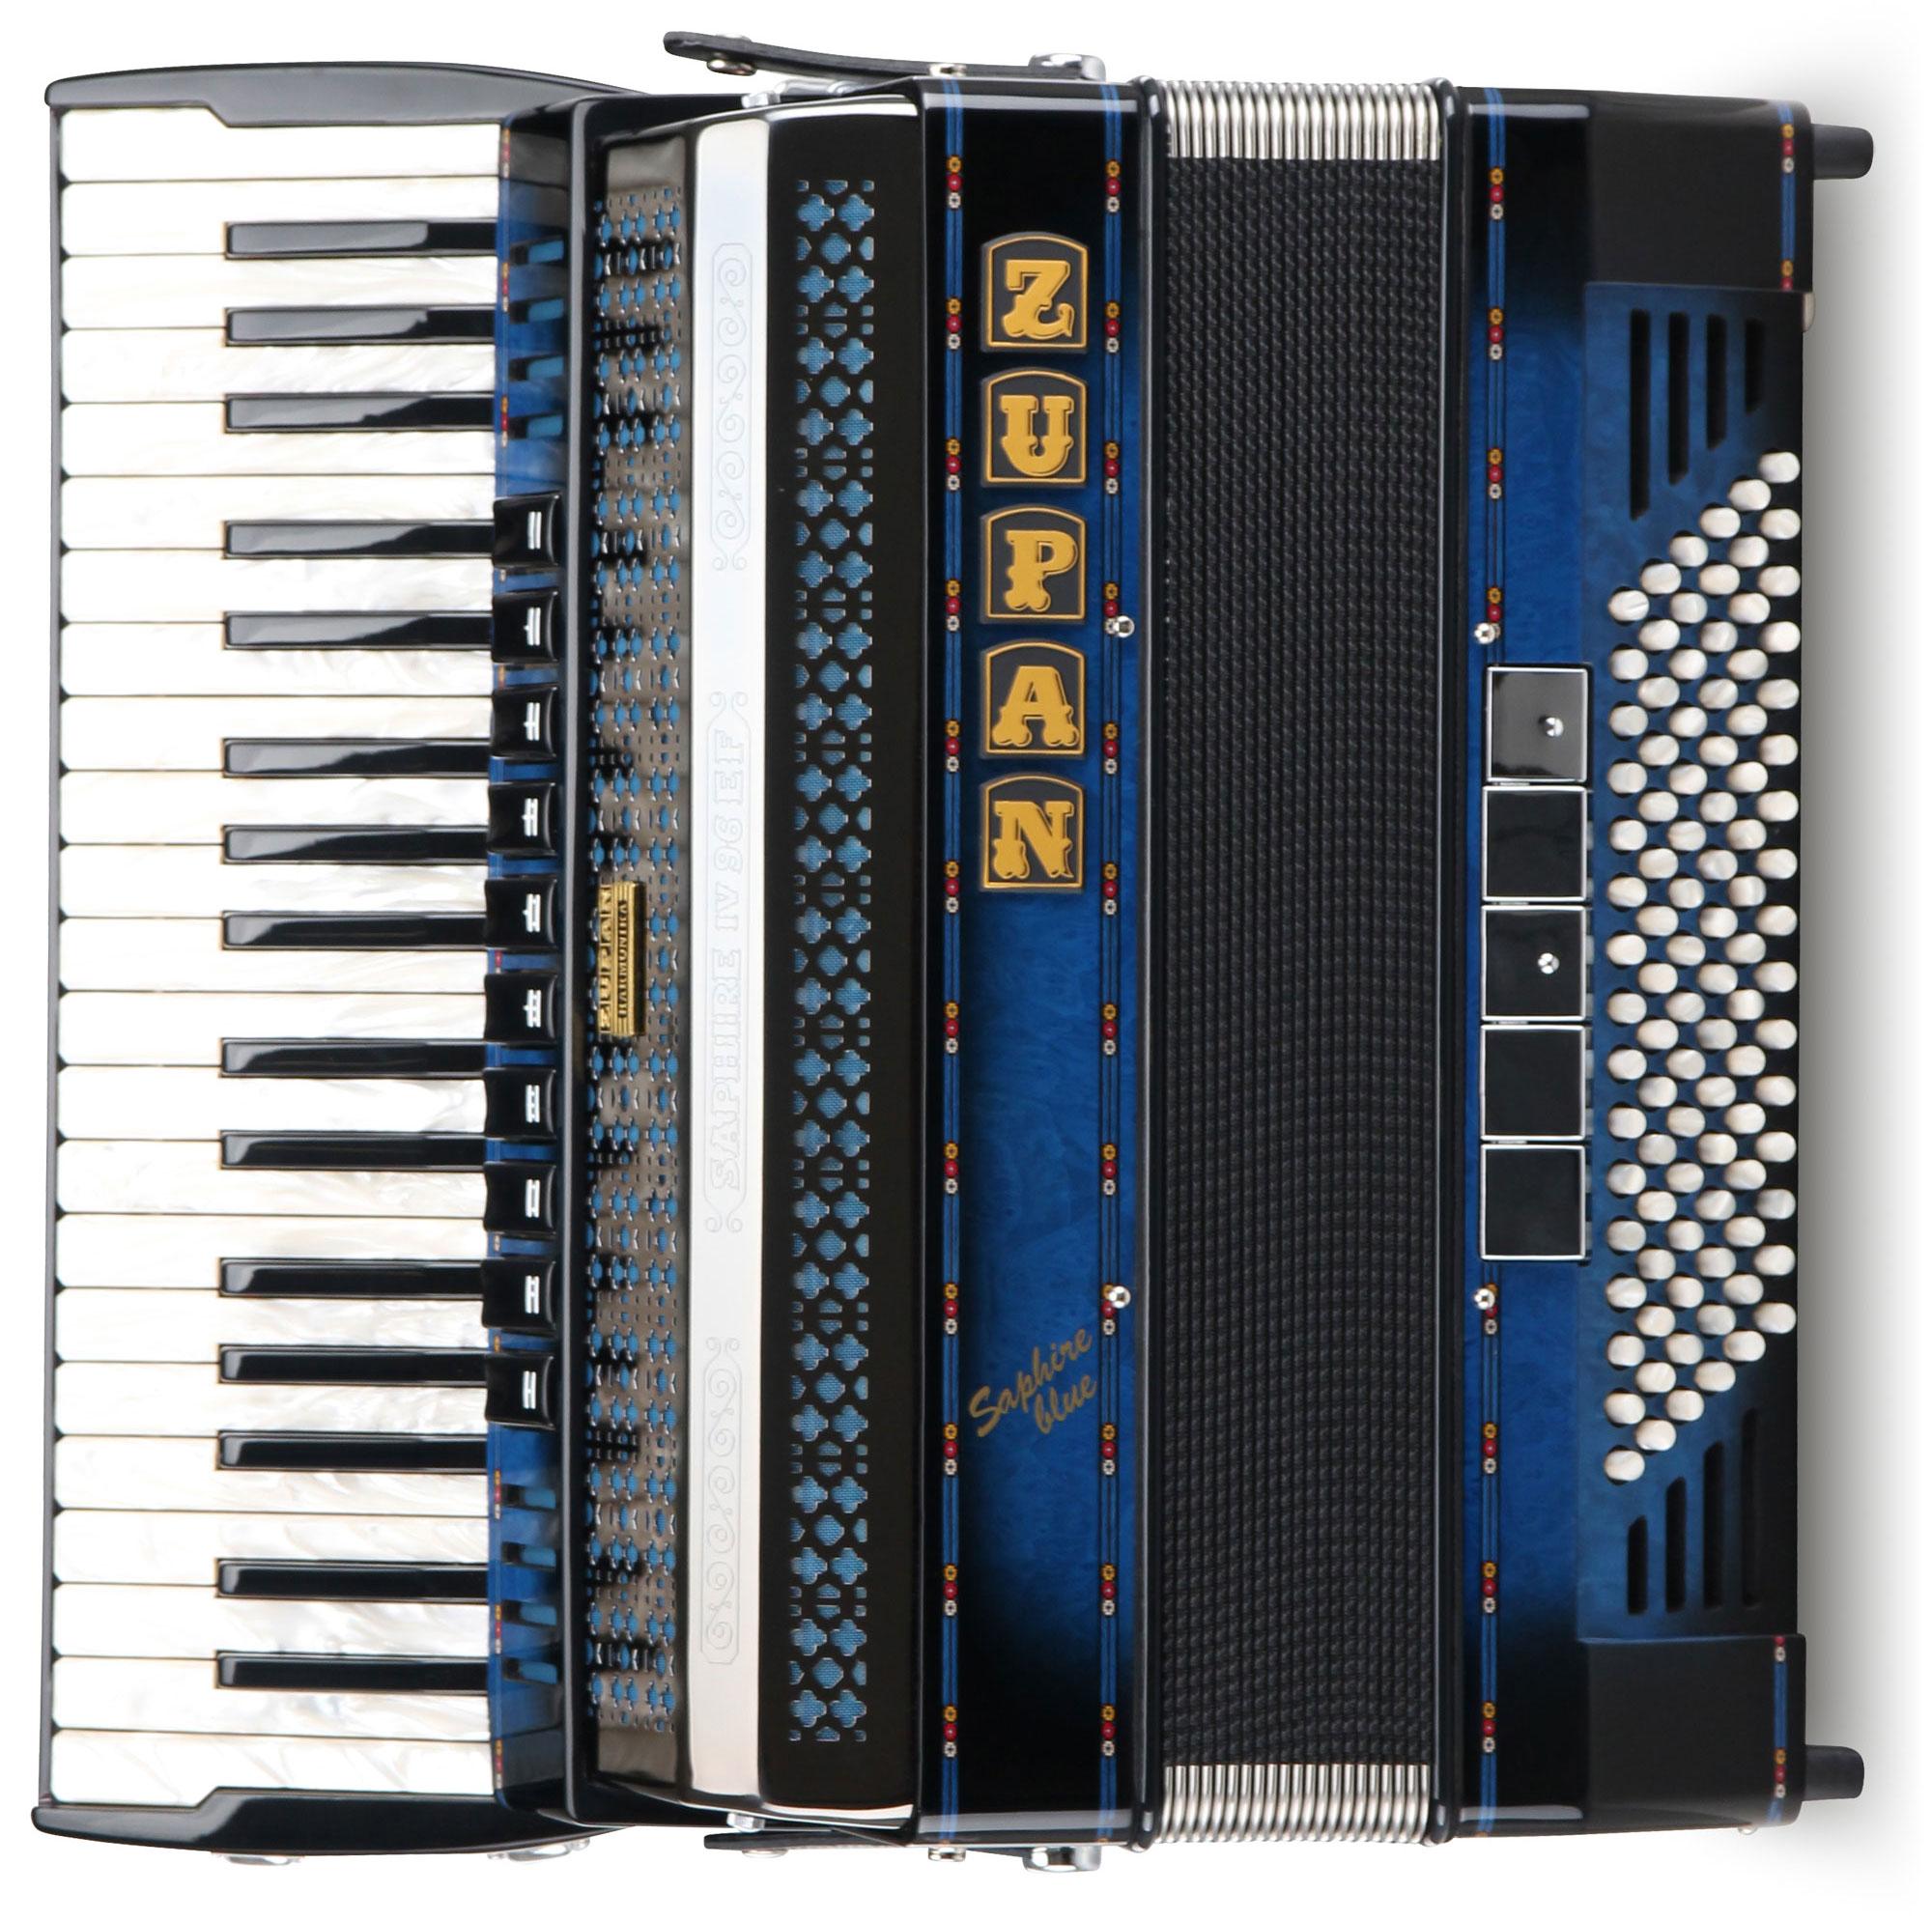 Akkordeons - Zupan Saphire IV 96 EF MHR Akkordeon Shadow Blue Retoure (Zustand wie neu) - Onlineshop Musikhaus Kirstein